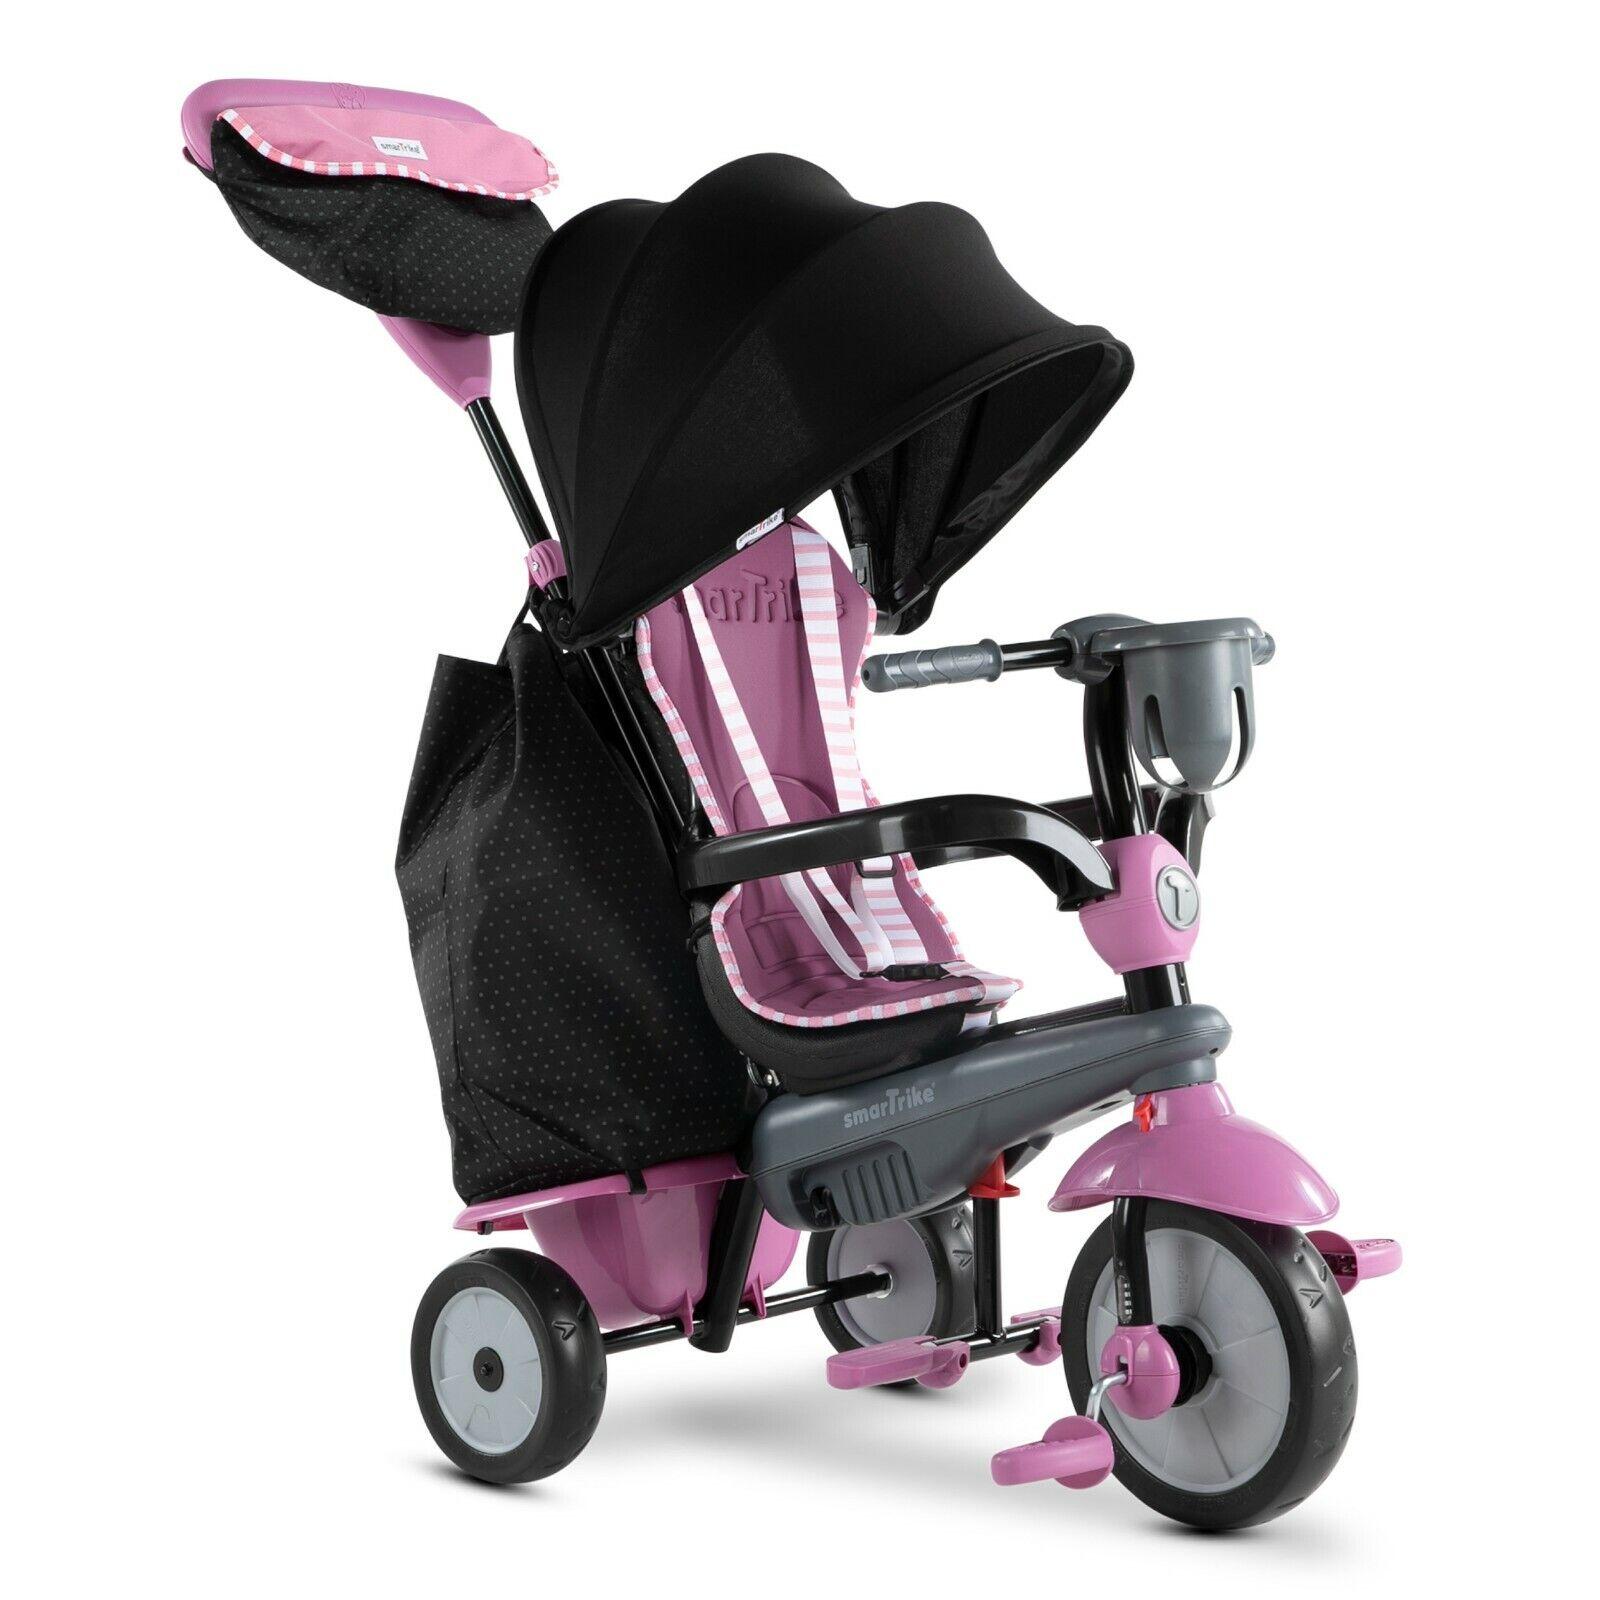 El vórtice de Smart trike, un bebé, un triciclo 15 - 36, crecerá conmigo.